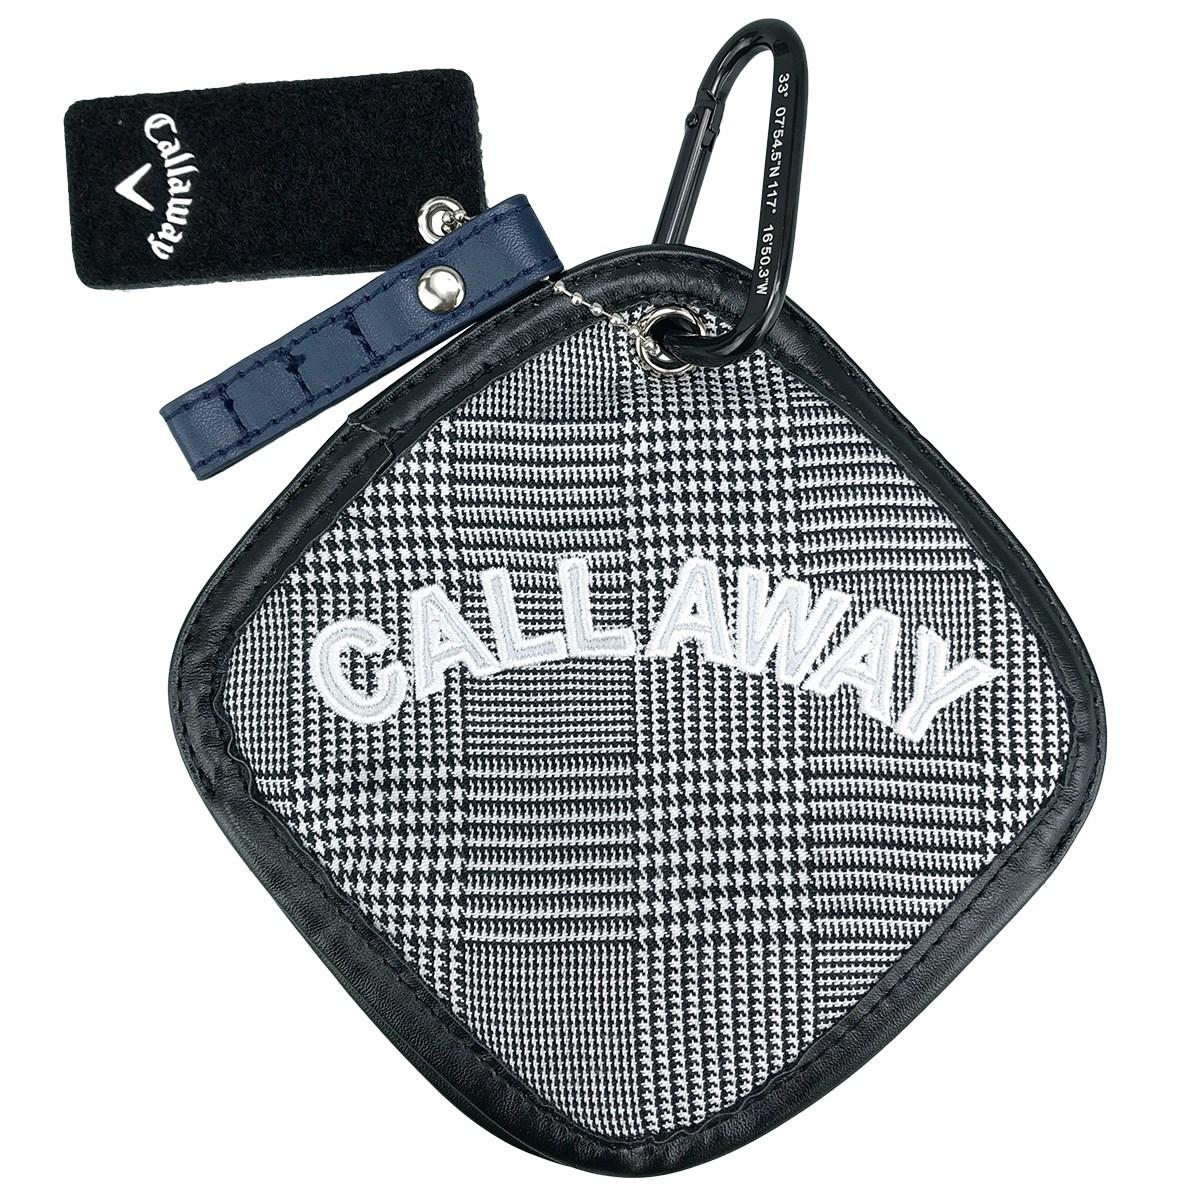 キャロウェイゴルフ(Callaway Golf) ラウンドスウィーパー